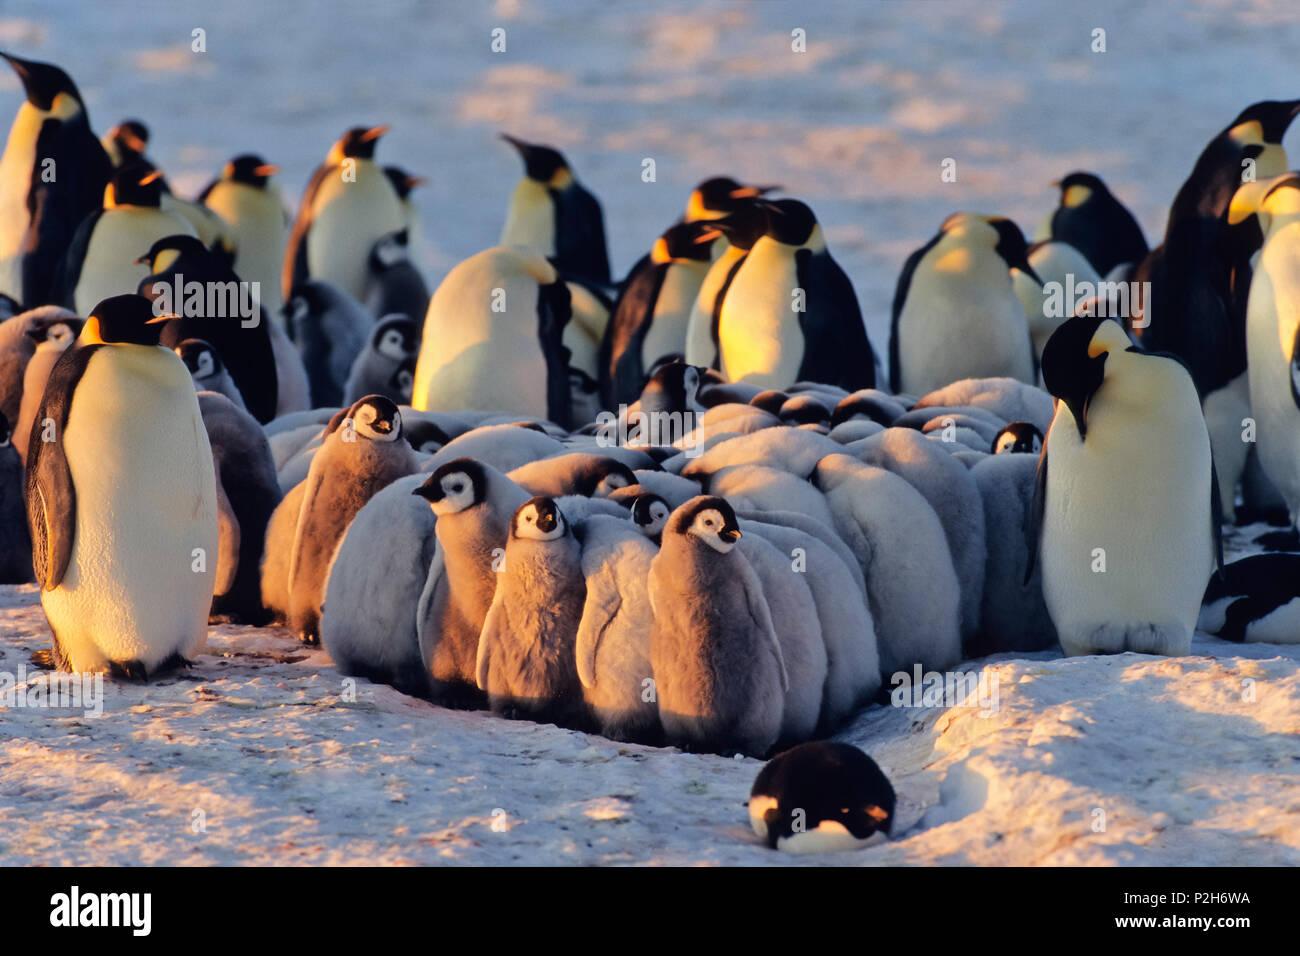 Pinguino imperatore con pulcini, asilo nido, Aptenodytes forsteri, Antartide Immagini Stock